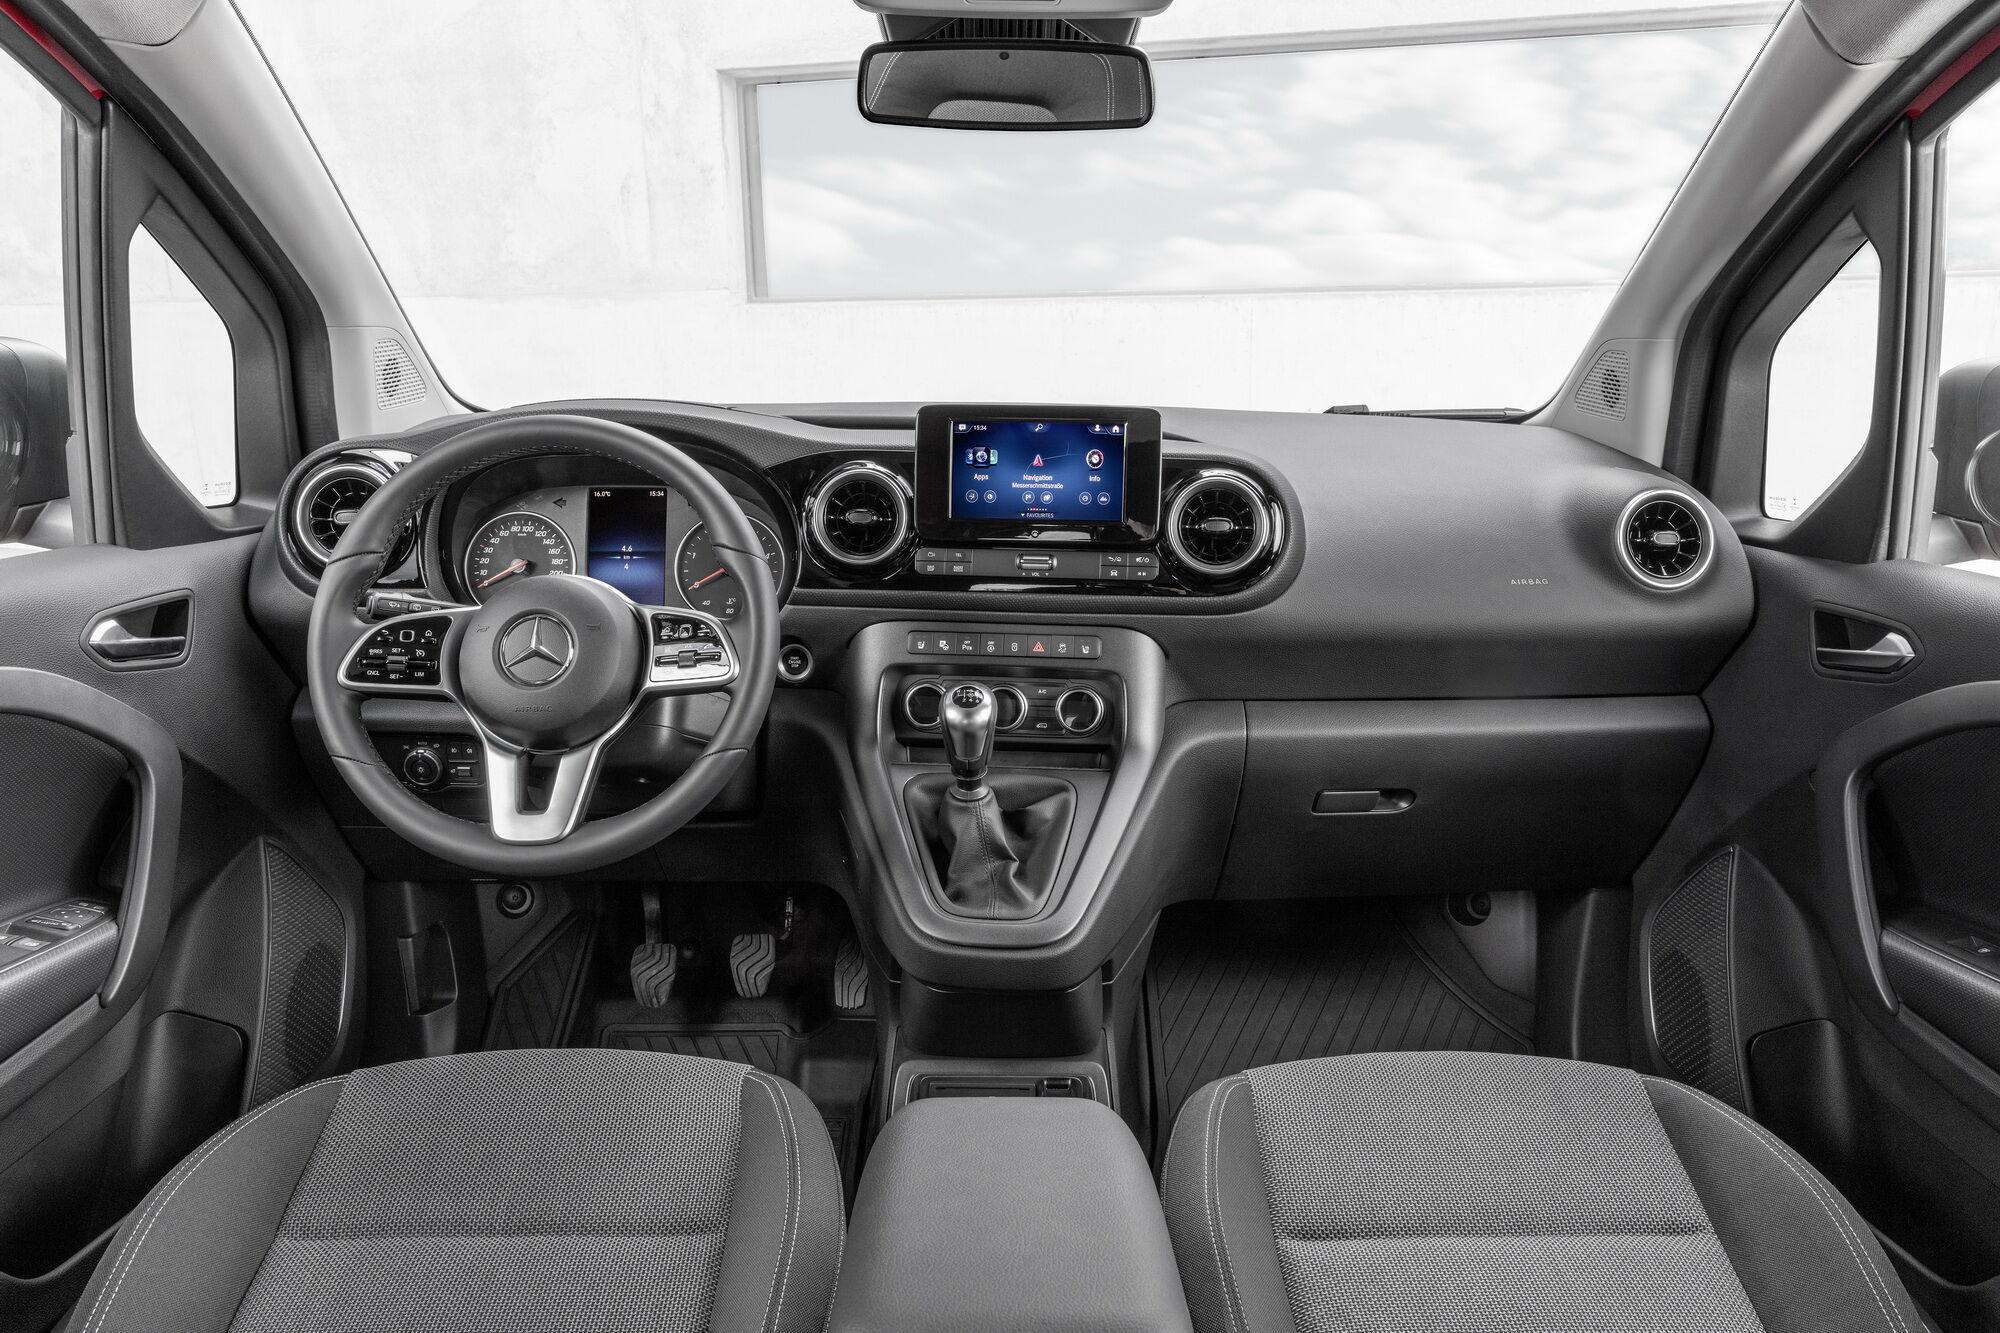 Дизайн интерьера выполнен в фирменном стиле Mercedes-Benz